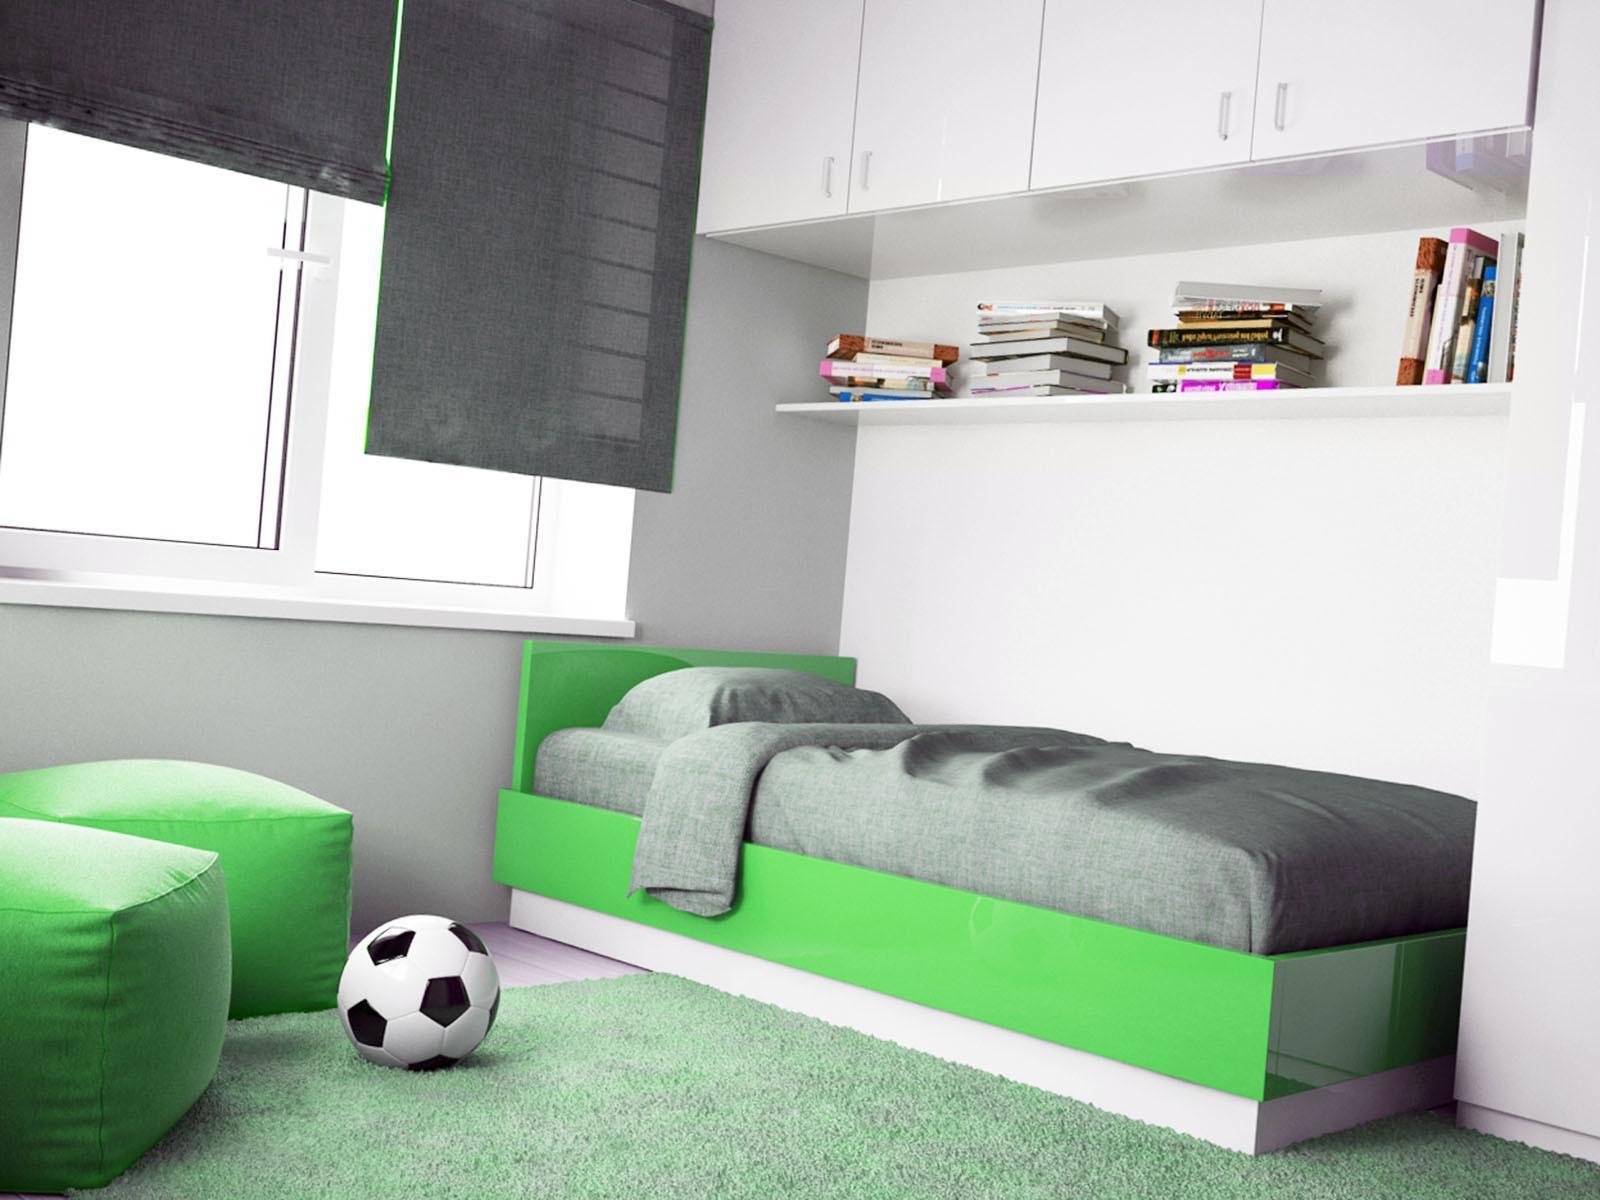 Украашем детскую комнаты по принципу минимализма